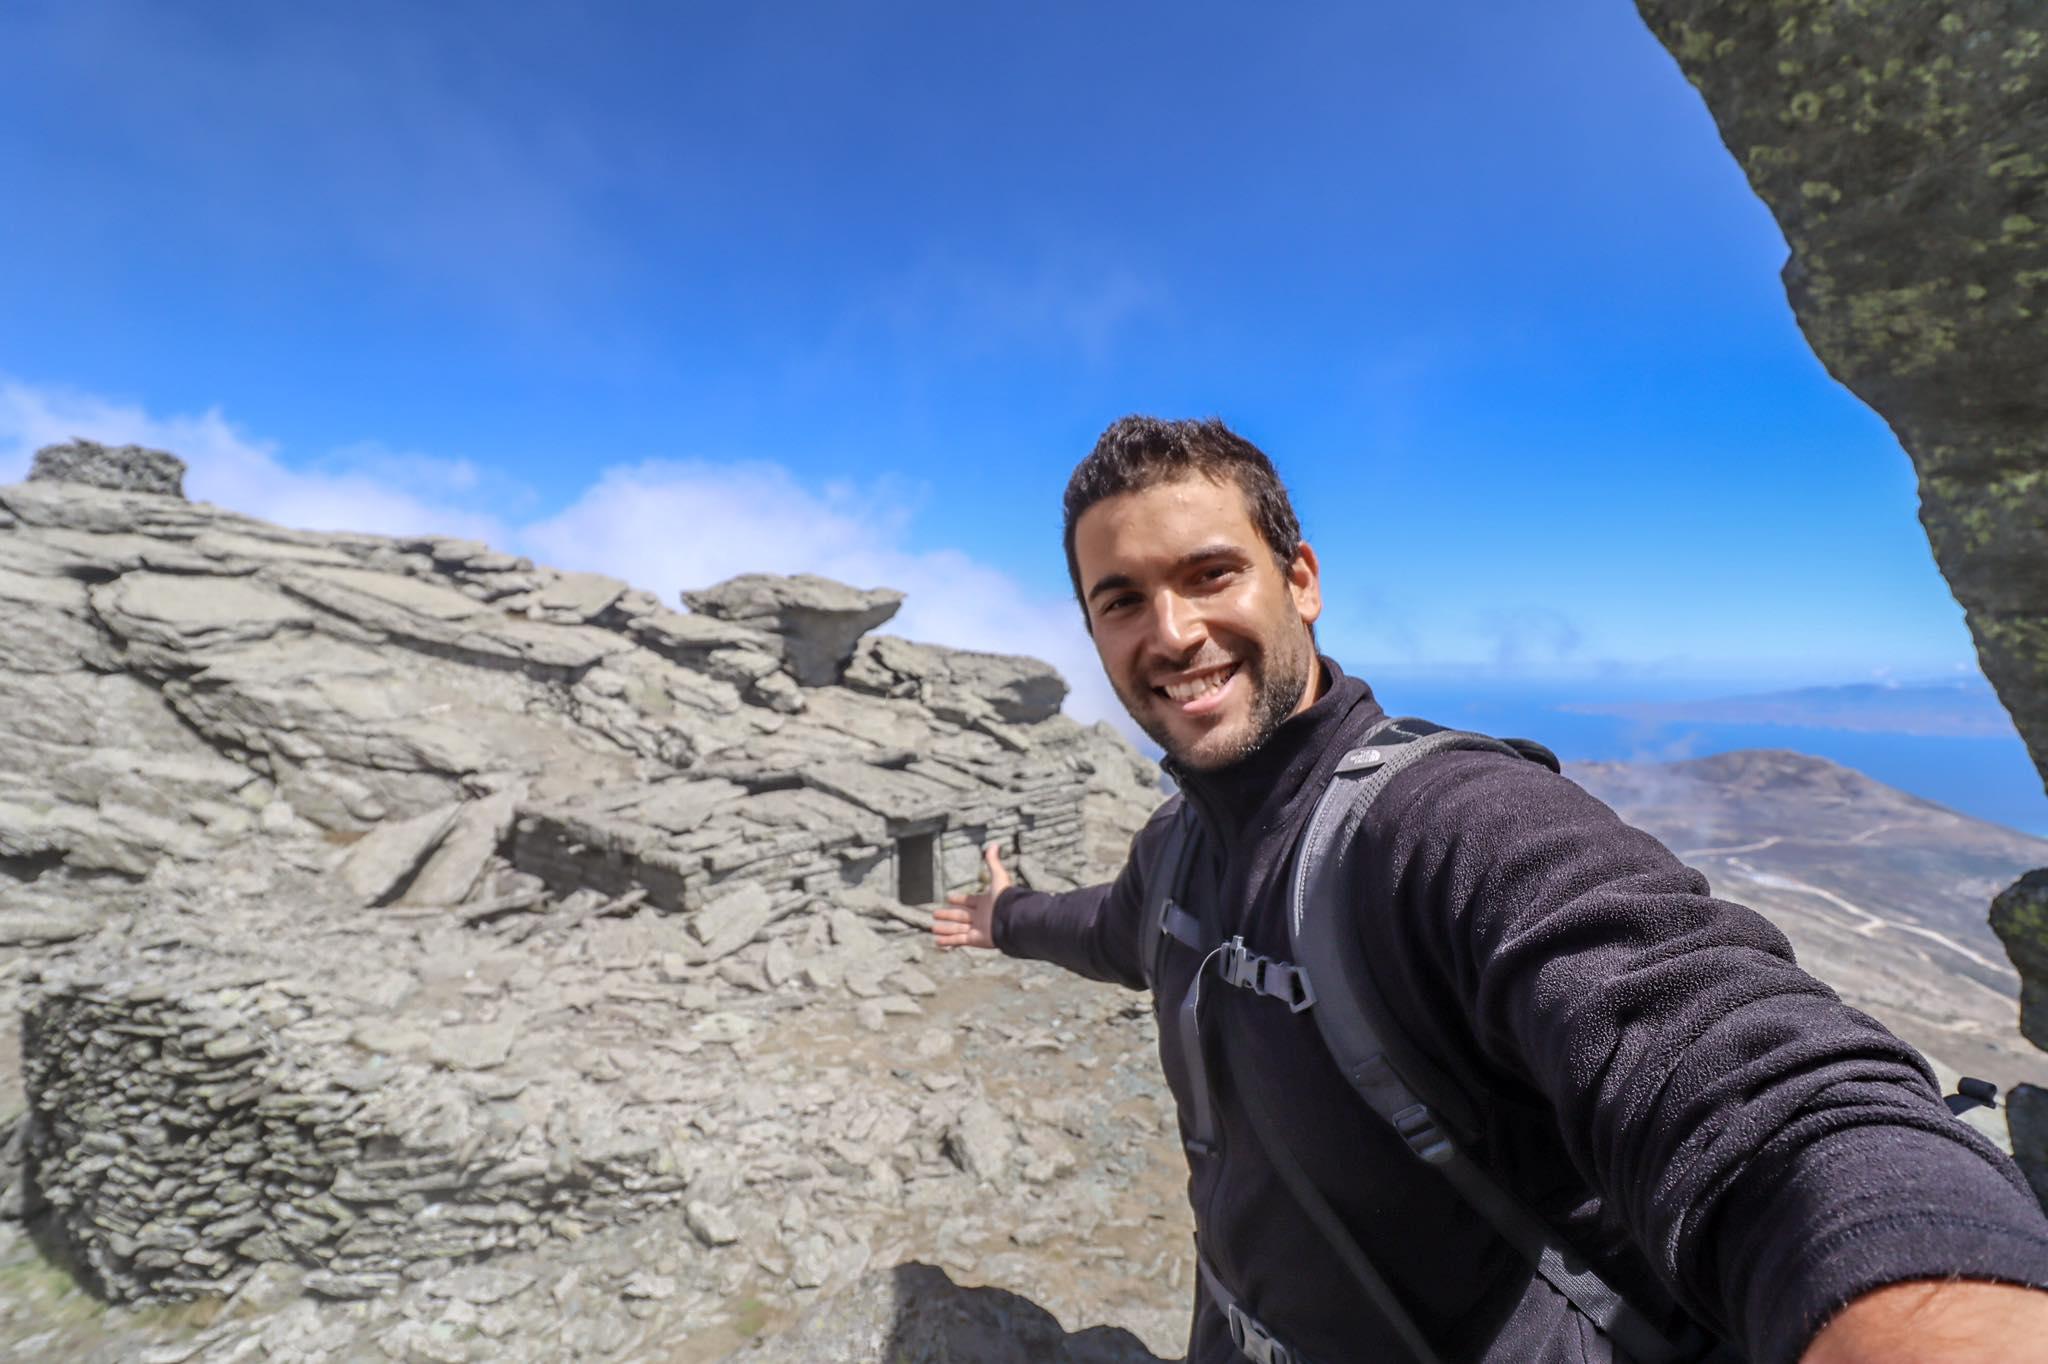 """Την Ν. Εύβοια επέλεξε για την εξόρμηση του ο """"kdexplorer"""" travelBlogger – Δημιουργώντας ένα μοναδικό βίντεο"""